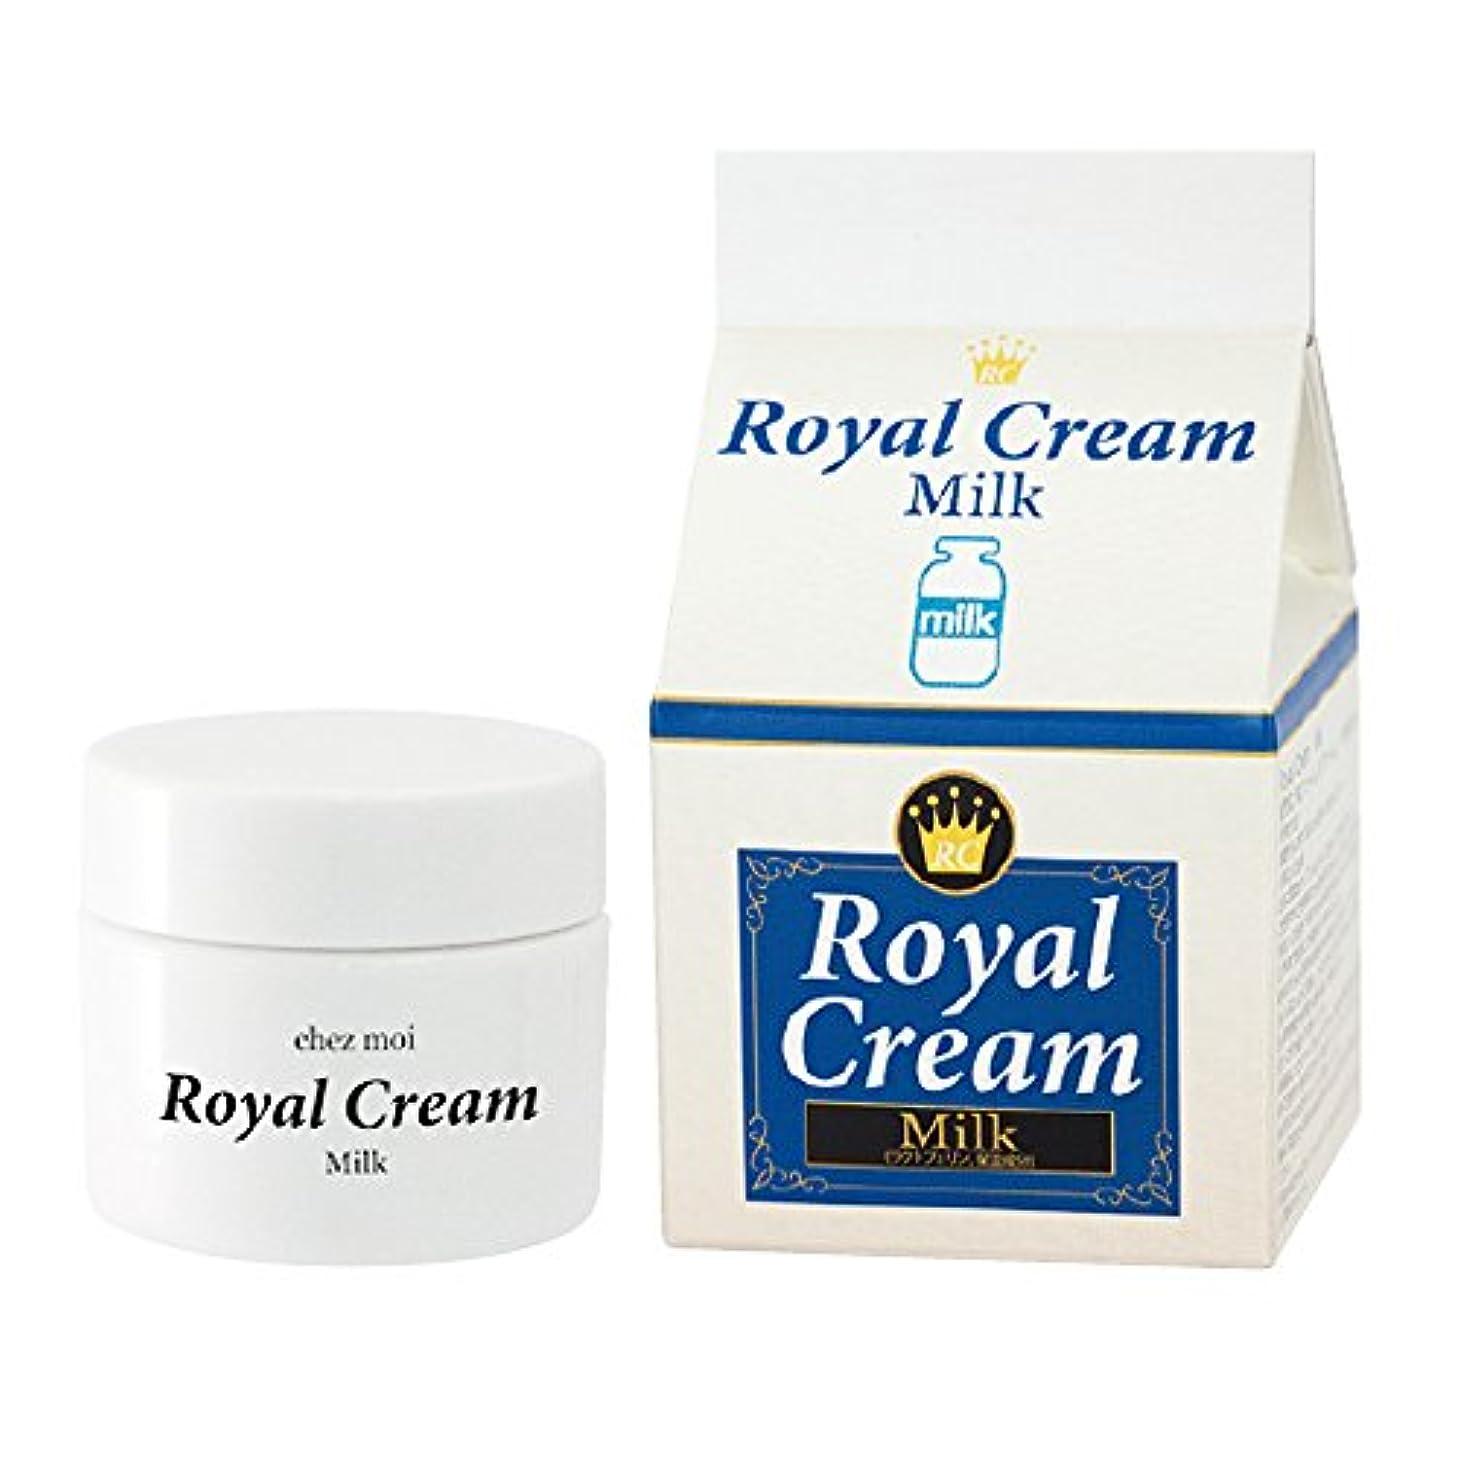 浪費物理申し込むシェモア Royal Cream(ロイヤルクリーム) Milk(ミルク) 30g